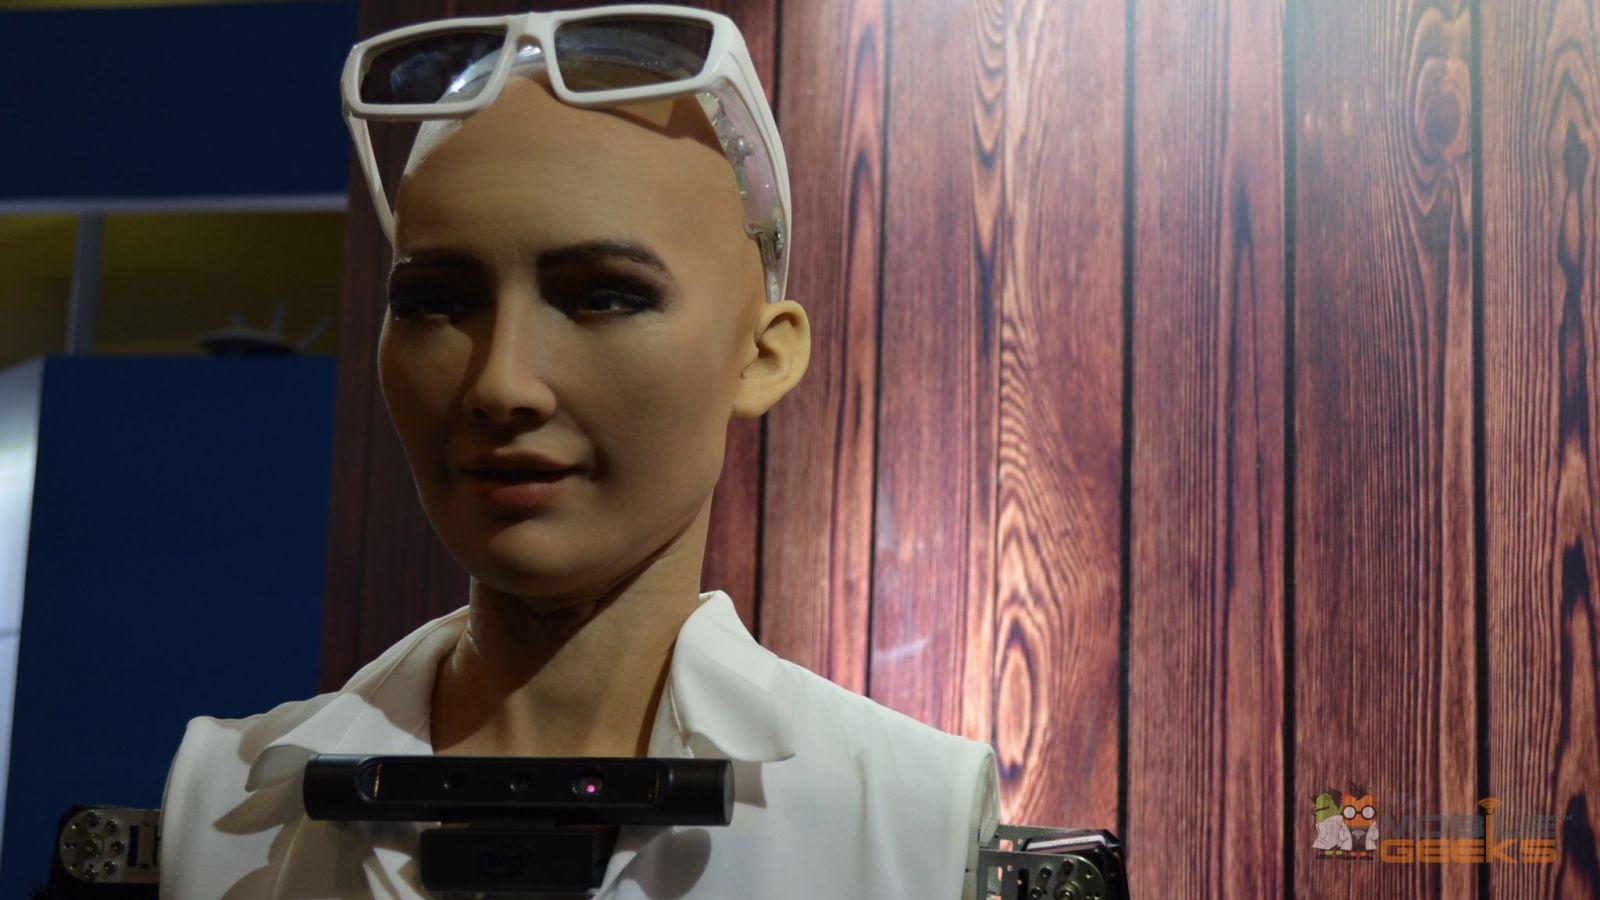 Hanson Robotics Sophia 02